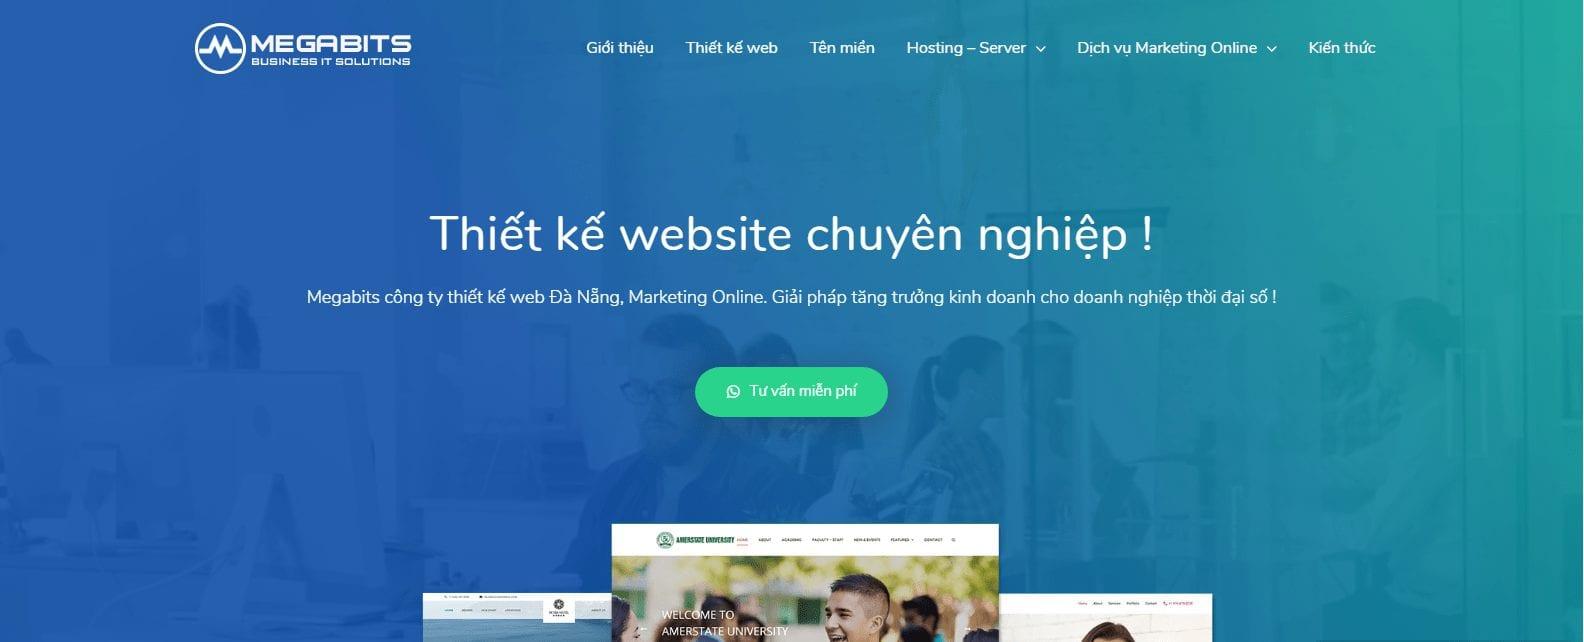 công ty thiết kế website chuyên nghiệp Đà Nẵng